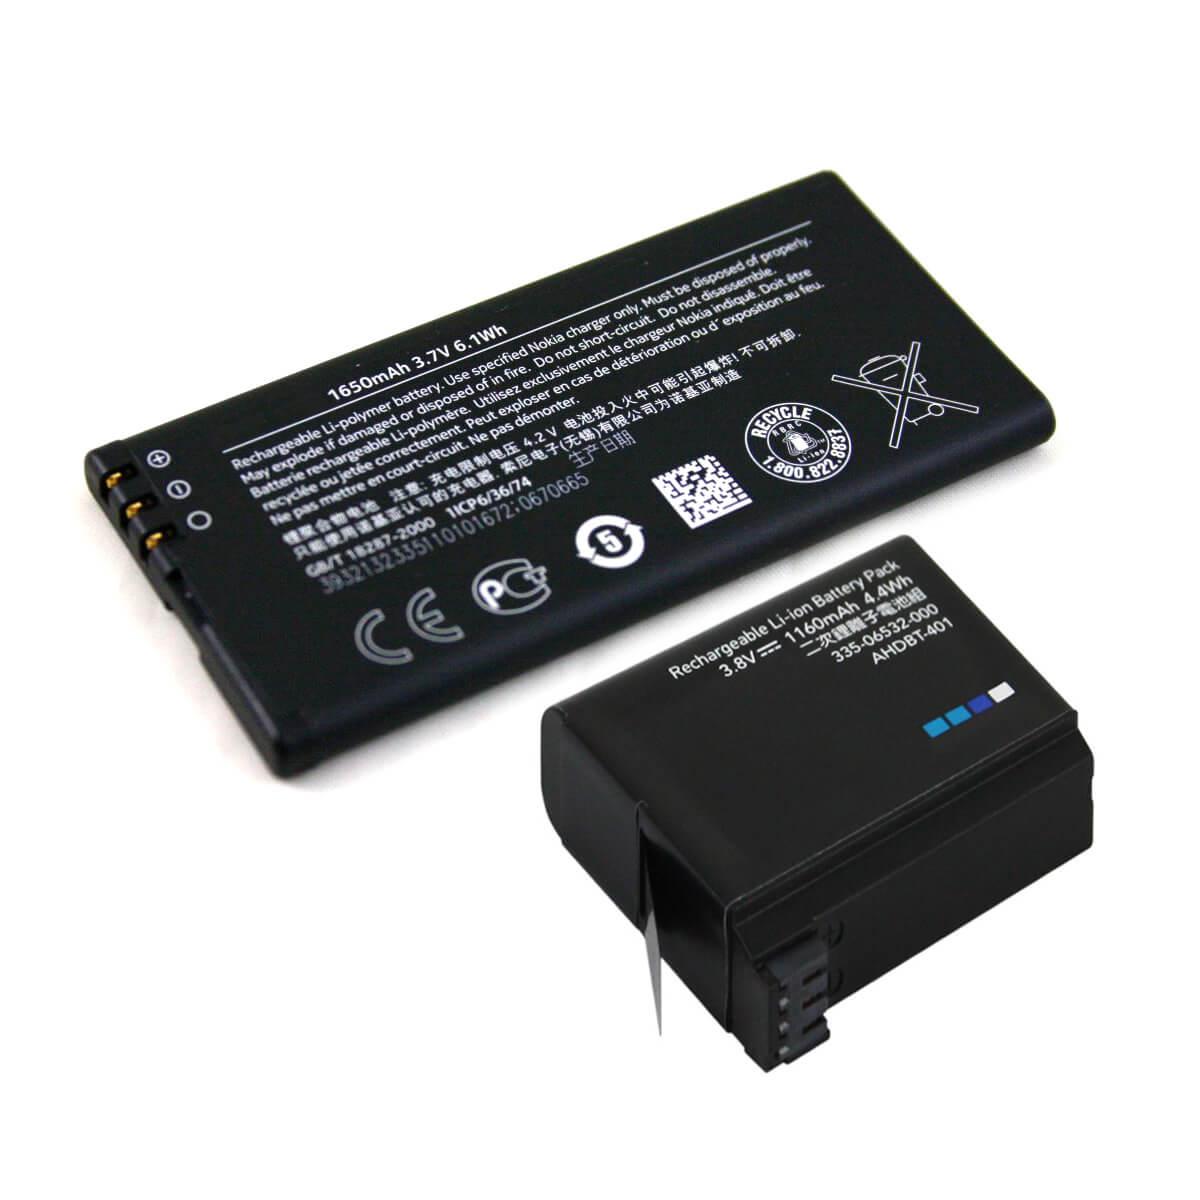 Smartphone GoPro Videocamere Failla batterie accumulatori pile cavour pinerolo saluzzo